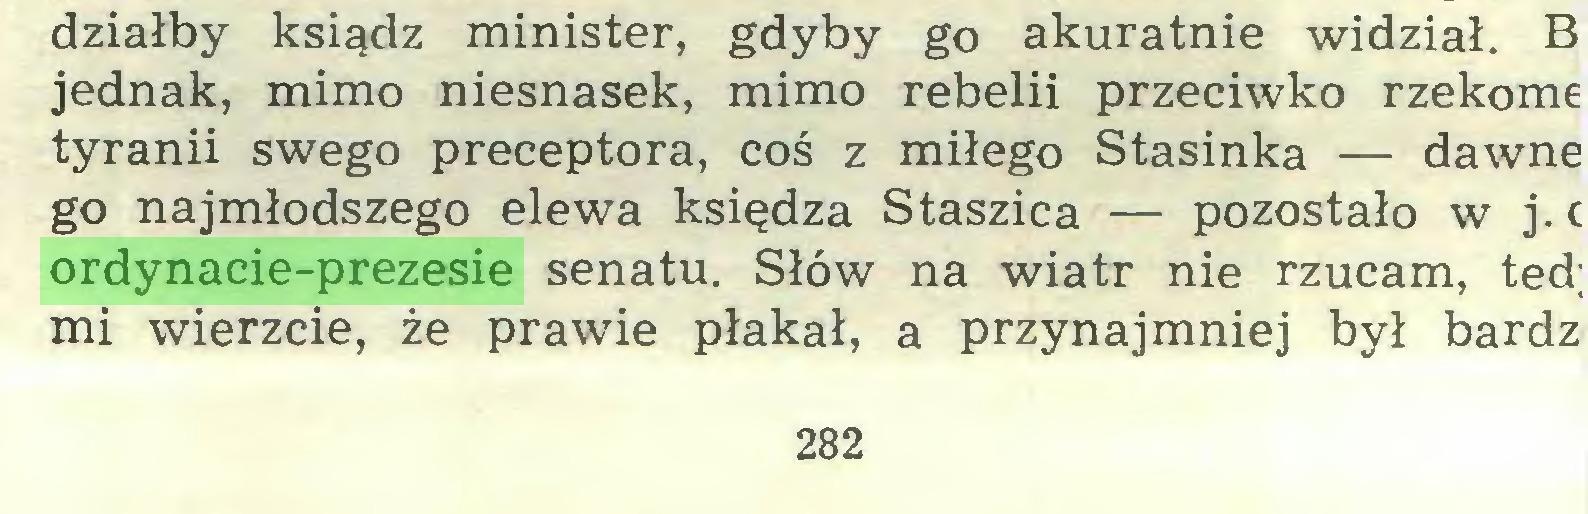 (...) działby ksiądz minister, gdyby go akuratnie widział. B jednak, mimo niesnasek, mimo rebelii przeciwko rzekome tyranii swego preceptora, coś z miłego Stasinka — dawne go najmłodszego elewa księdza Staszica — pozostało w j. c ordynacie-prezesie senatu. Słów na wiatr nie rzucam, ted; mi wierzcie, że prawie płakał, a przynajmniej był bardz 282...